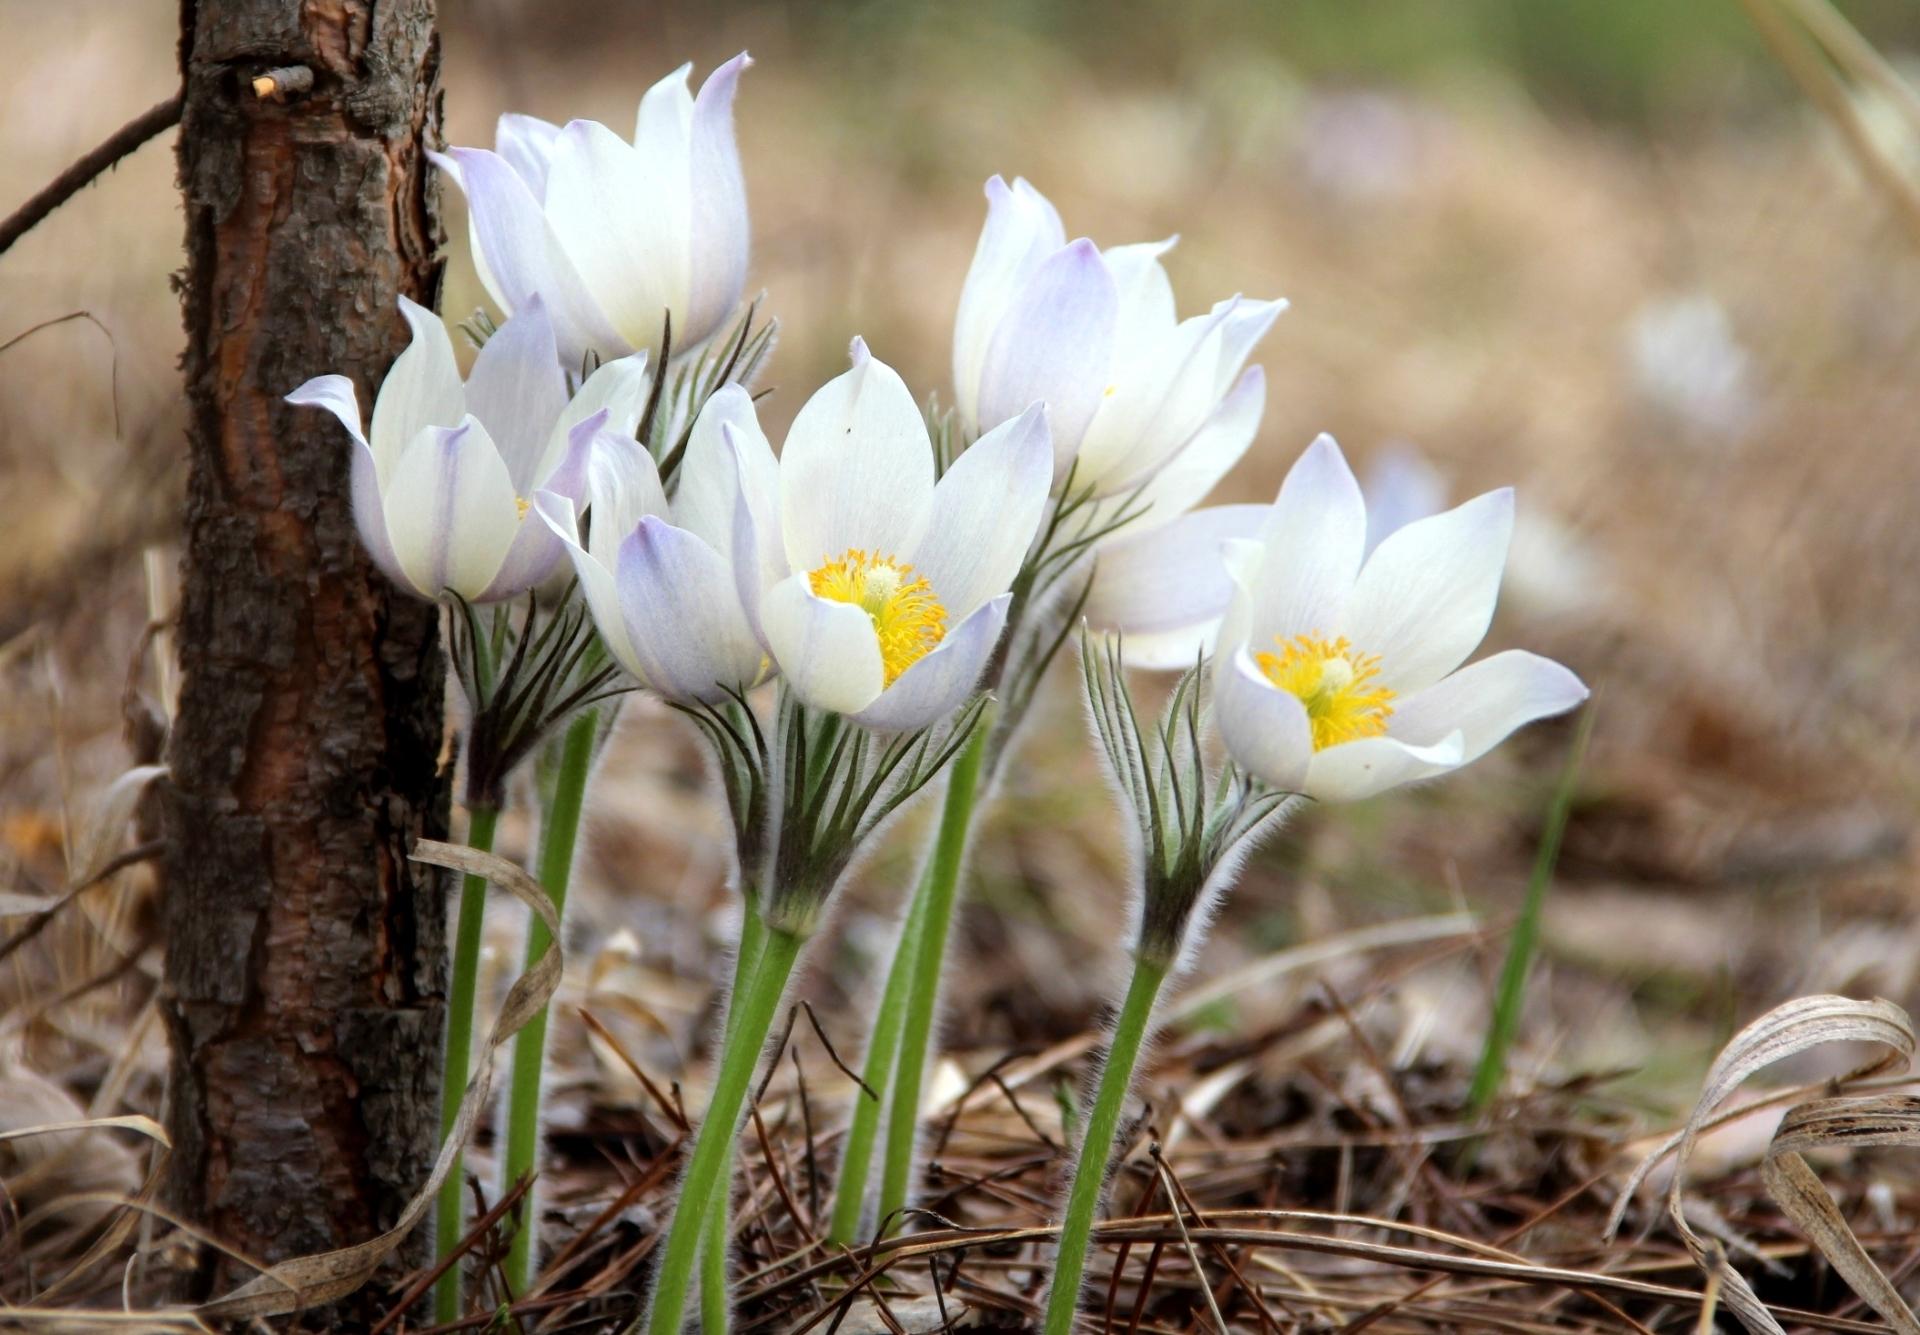 загрузить весна картинки специя обладает